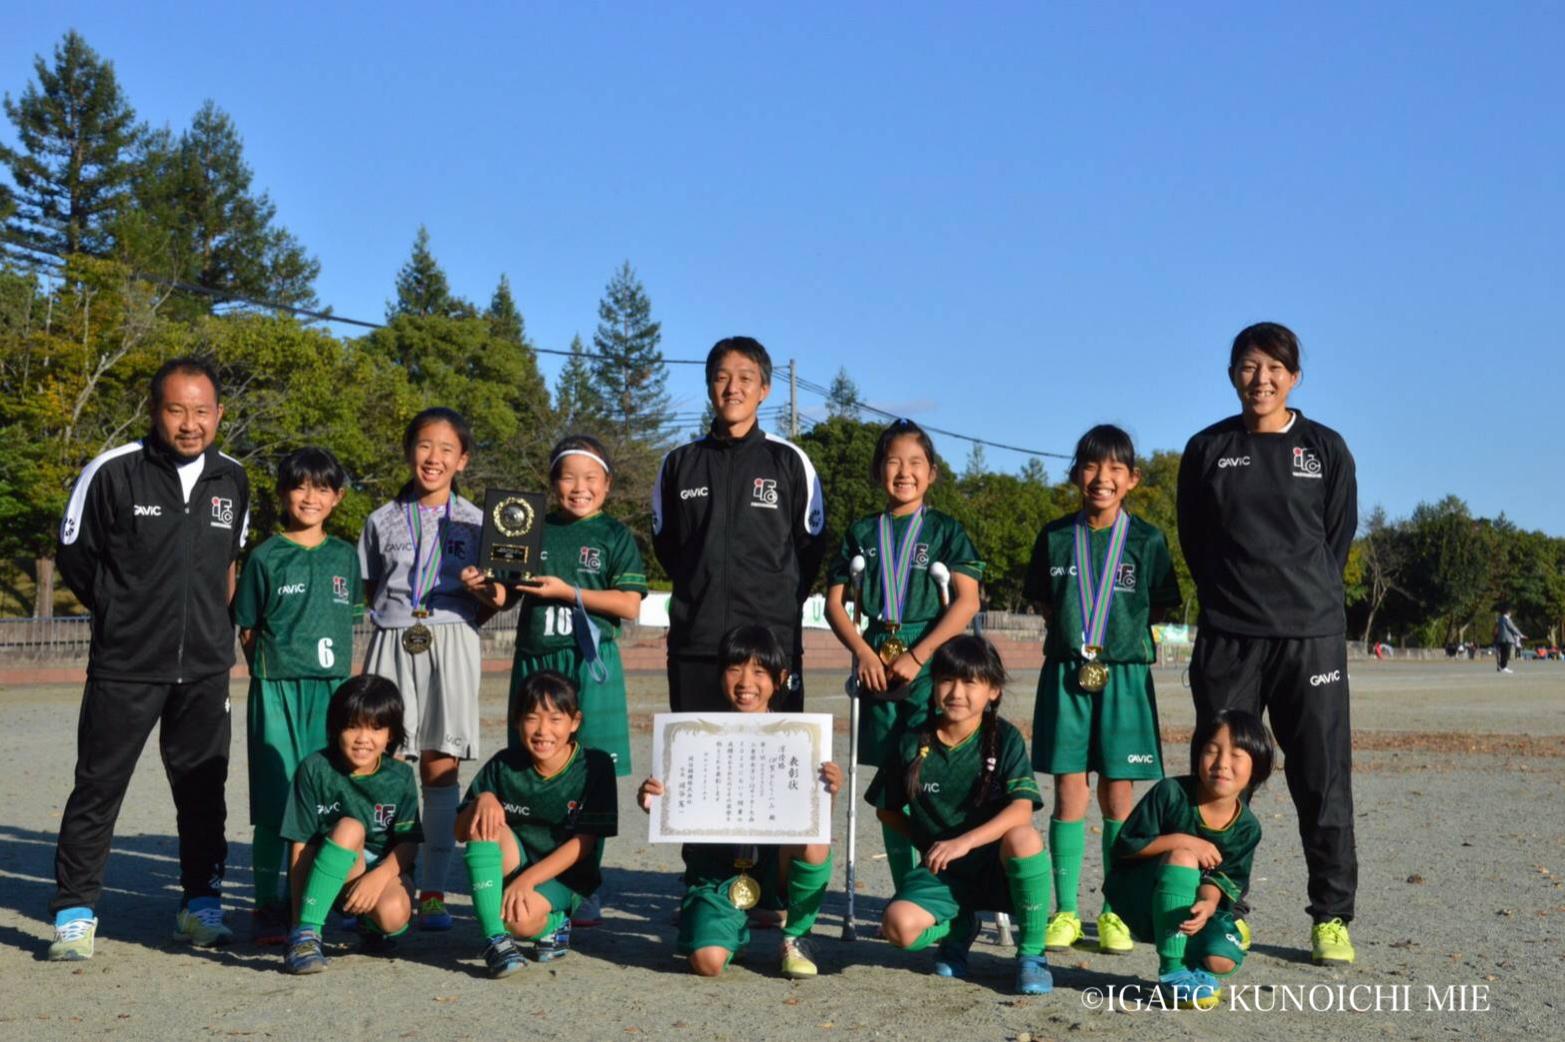 【伊賀FCくノ一三重ジュニア】第1回 OKAYA CUP 三重県U10サッカー大会 試合結果